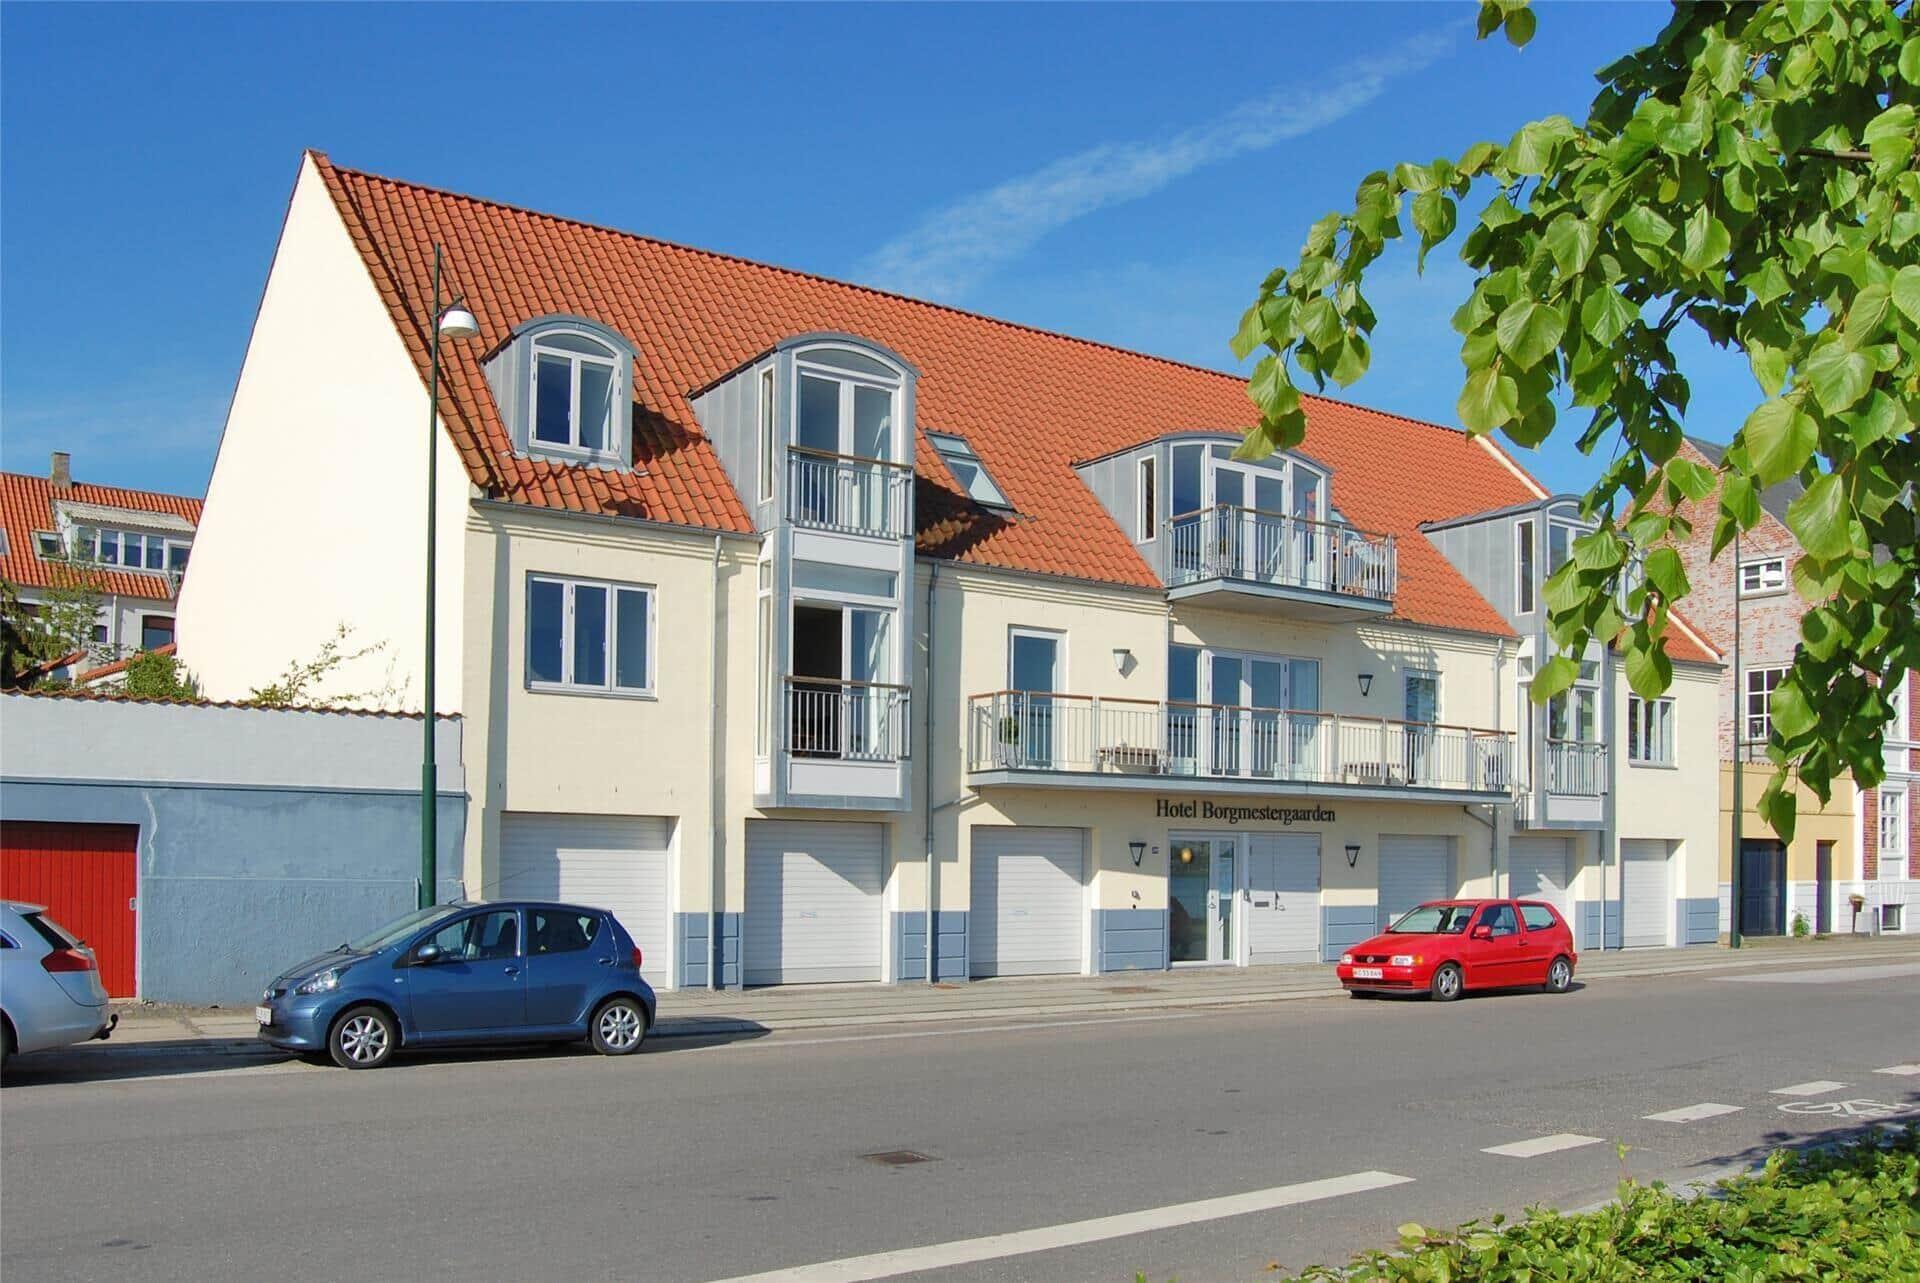 Billede 1-3 Sommerhus B4000, Havnegade 69, DK - 5500 Middelfart